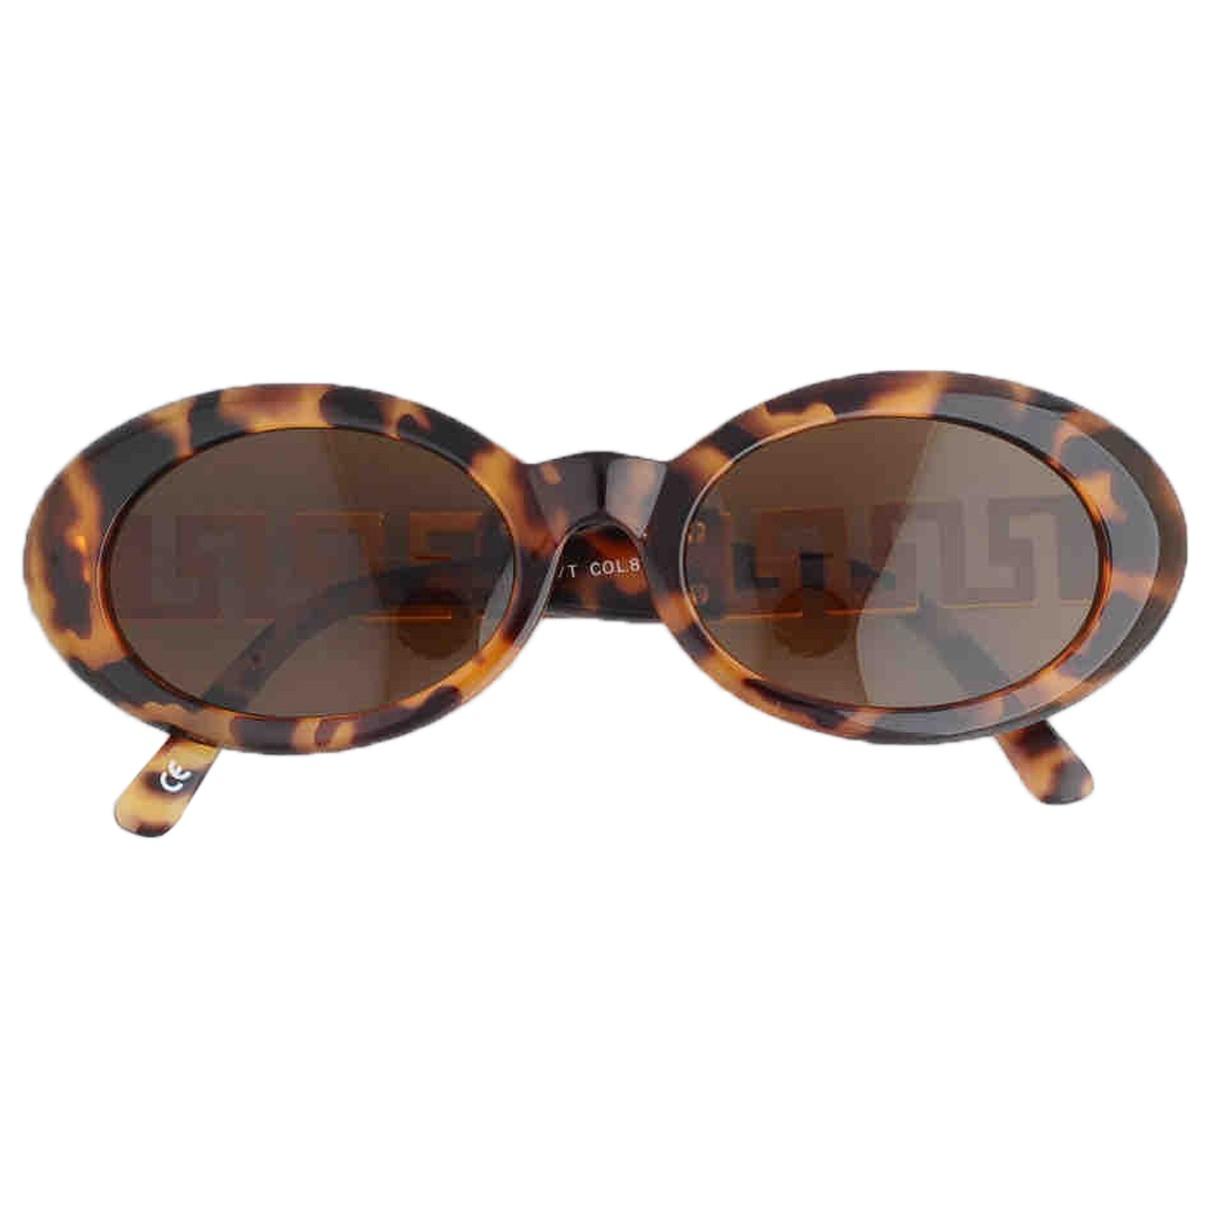 Gianni Versace - Lunettes   pour femme - marron